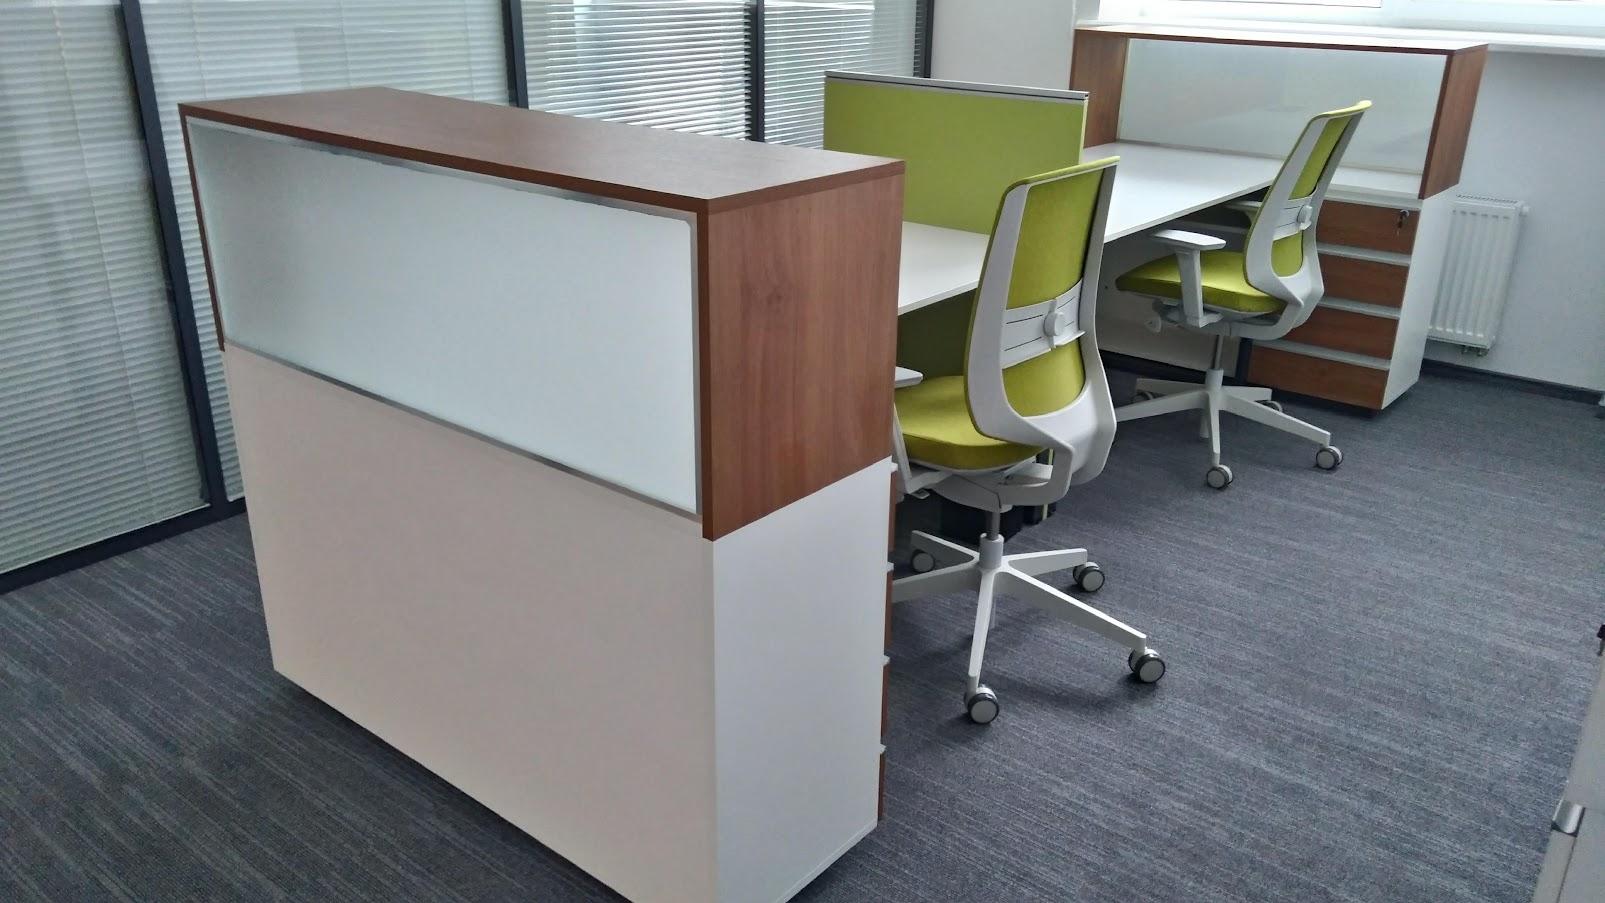 Модульное рабочее место - Модульная офисная мебель, Металлические каркасы столов, Мебельные опоры ✆ 0679245444